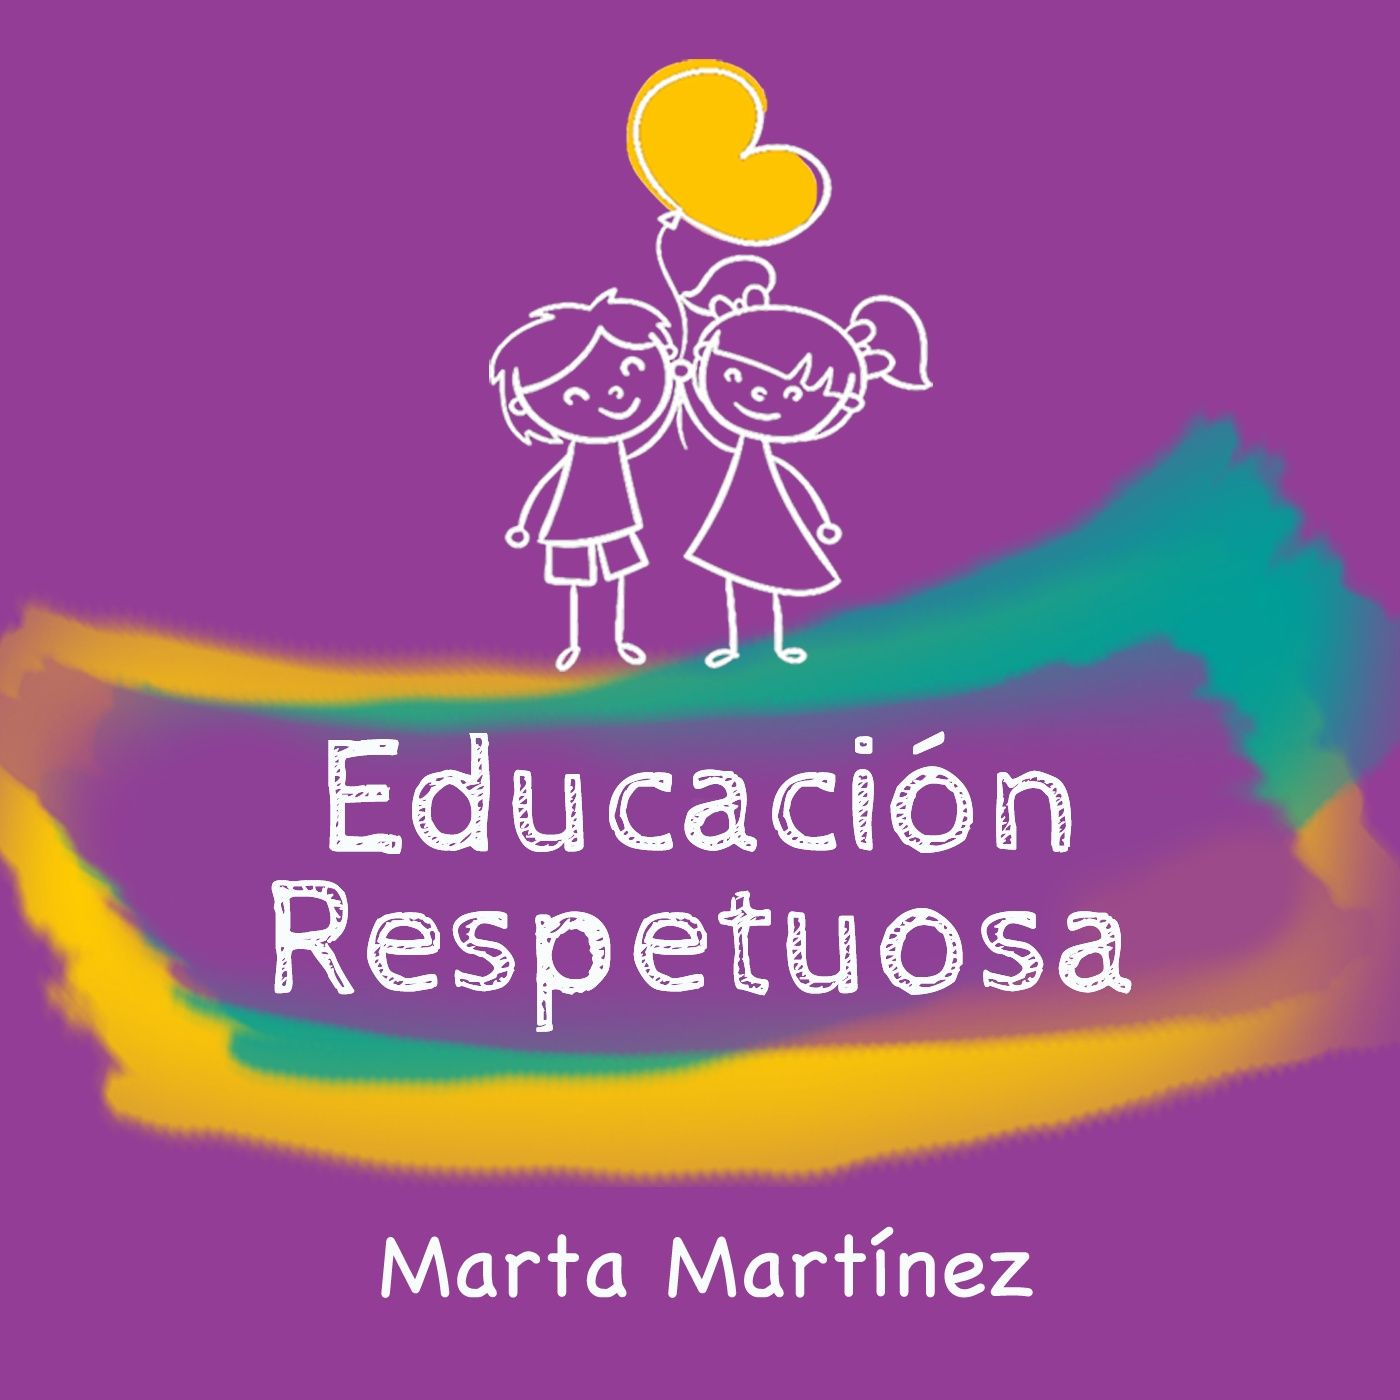 Logo de Educación Respetuosa